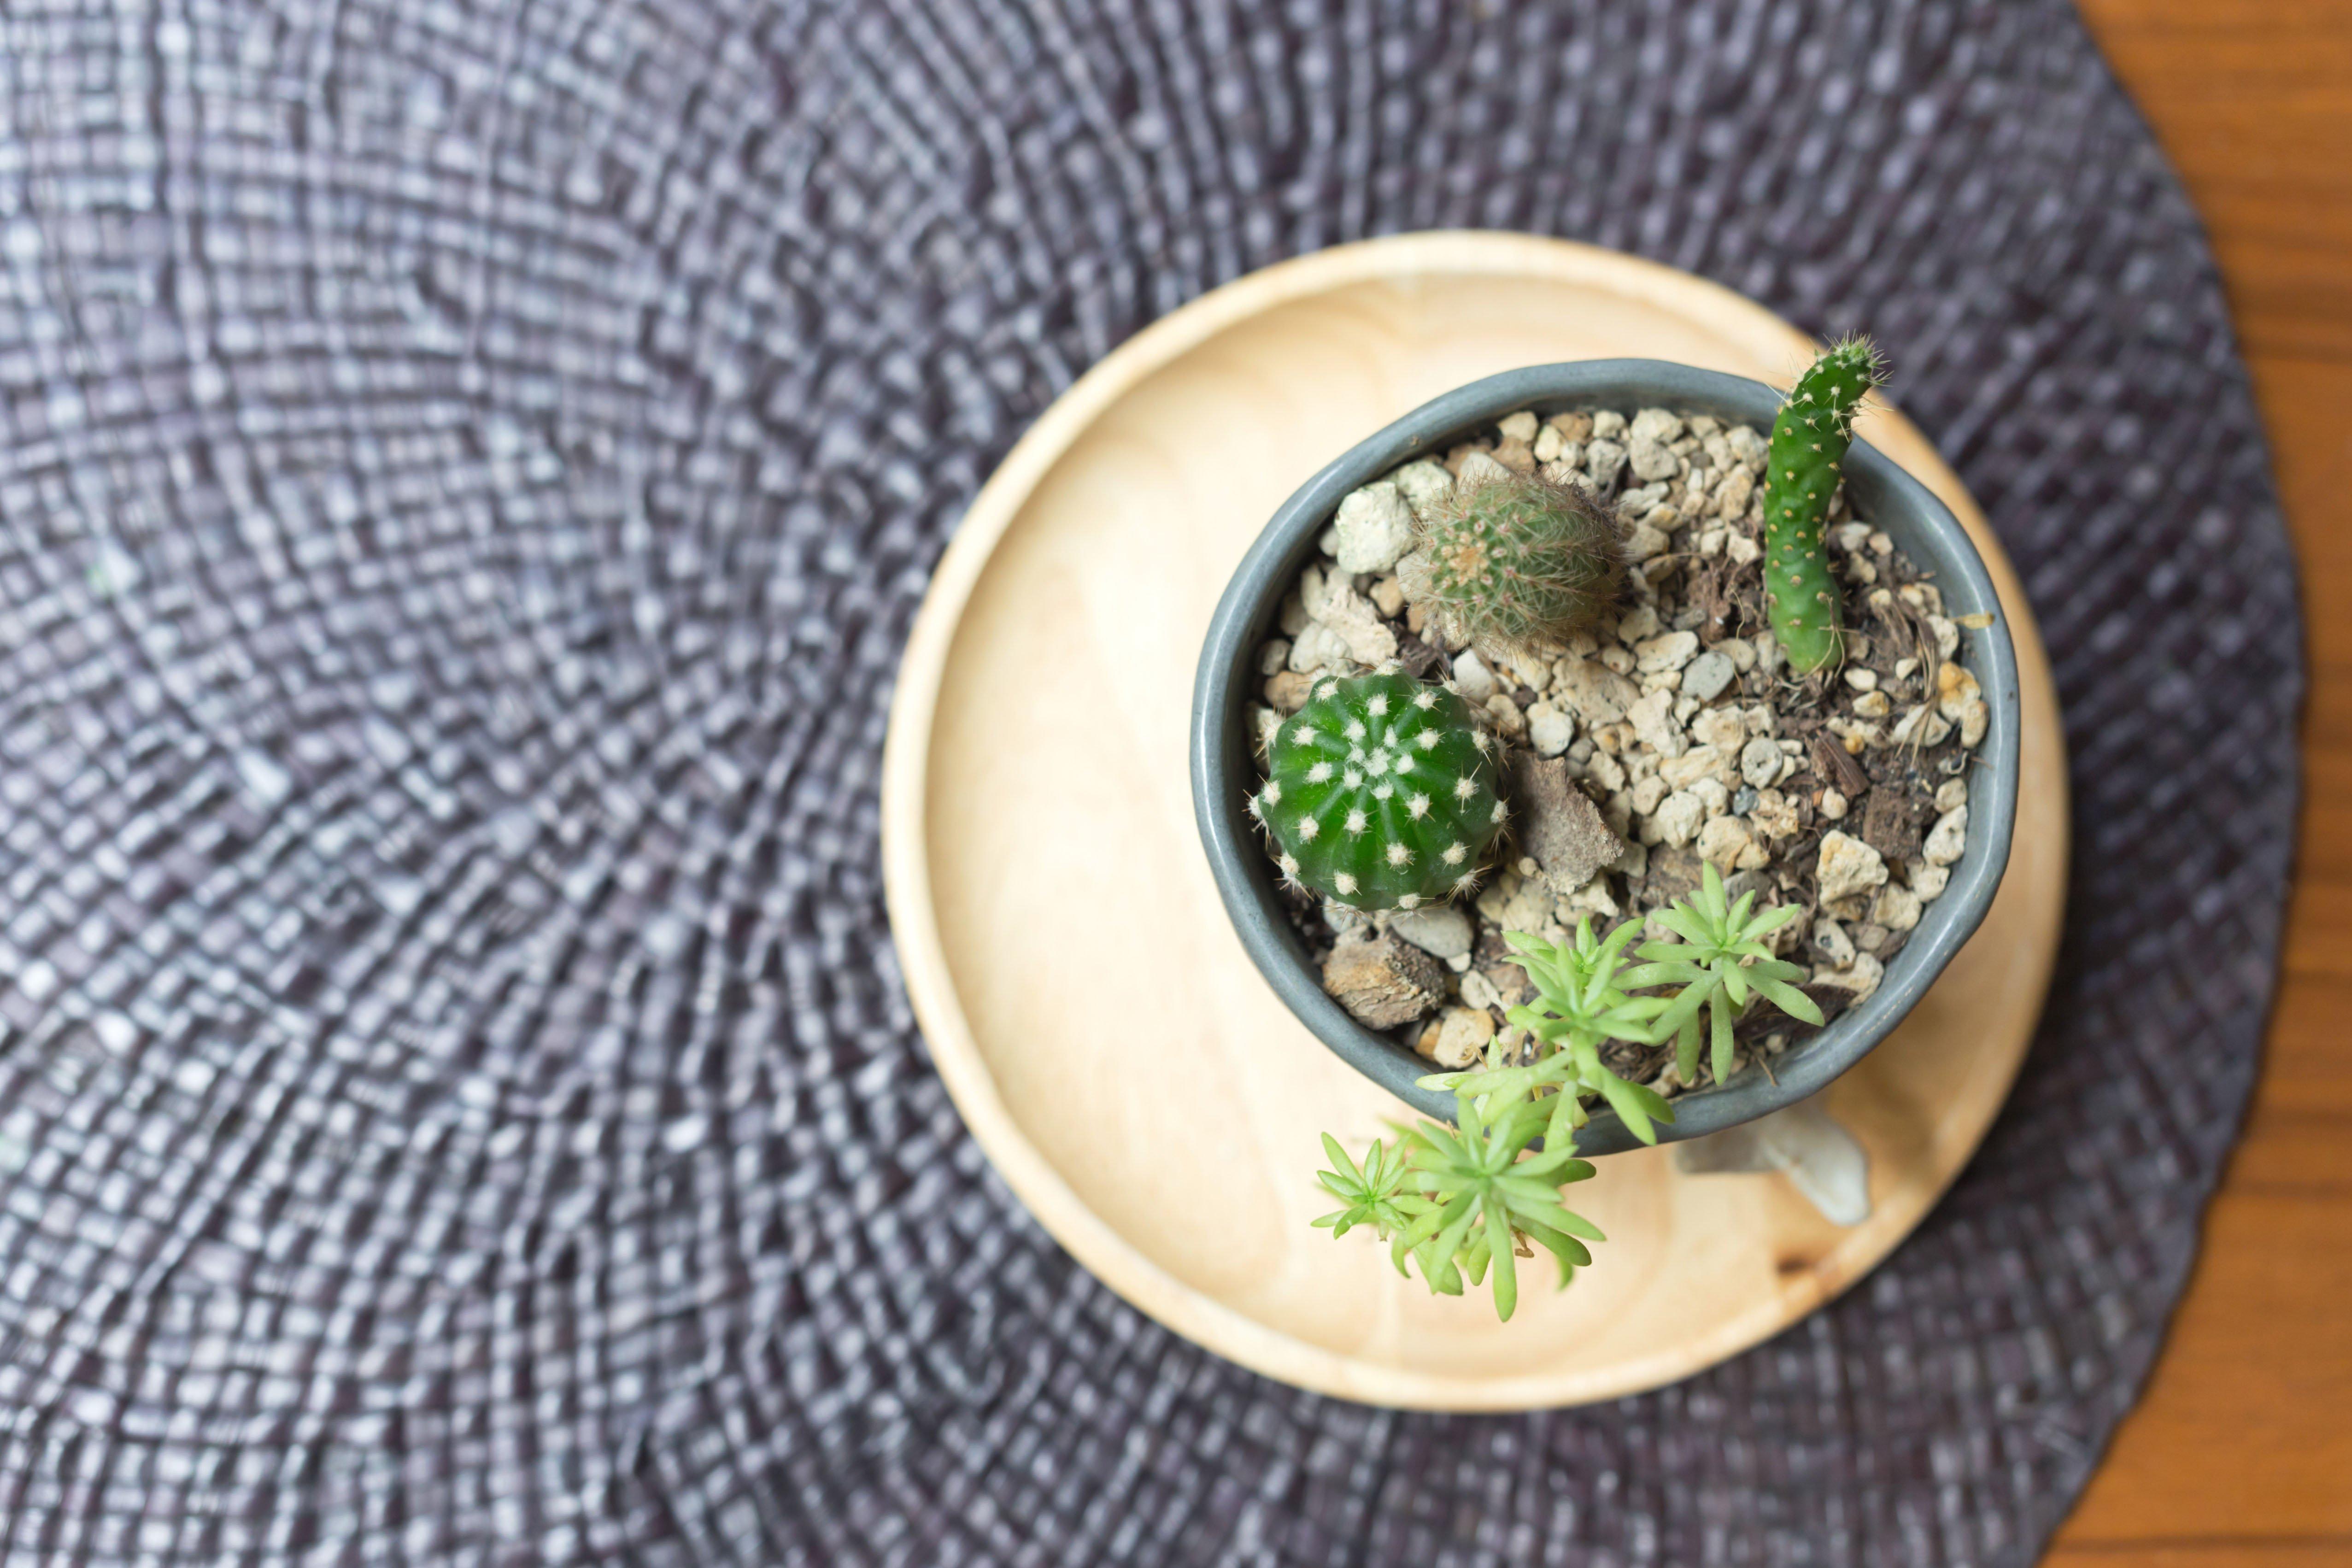 FAMILIAR FRIEND: Bring Home an Heirloom: Cactus